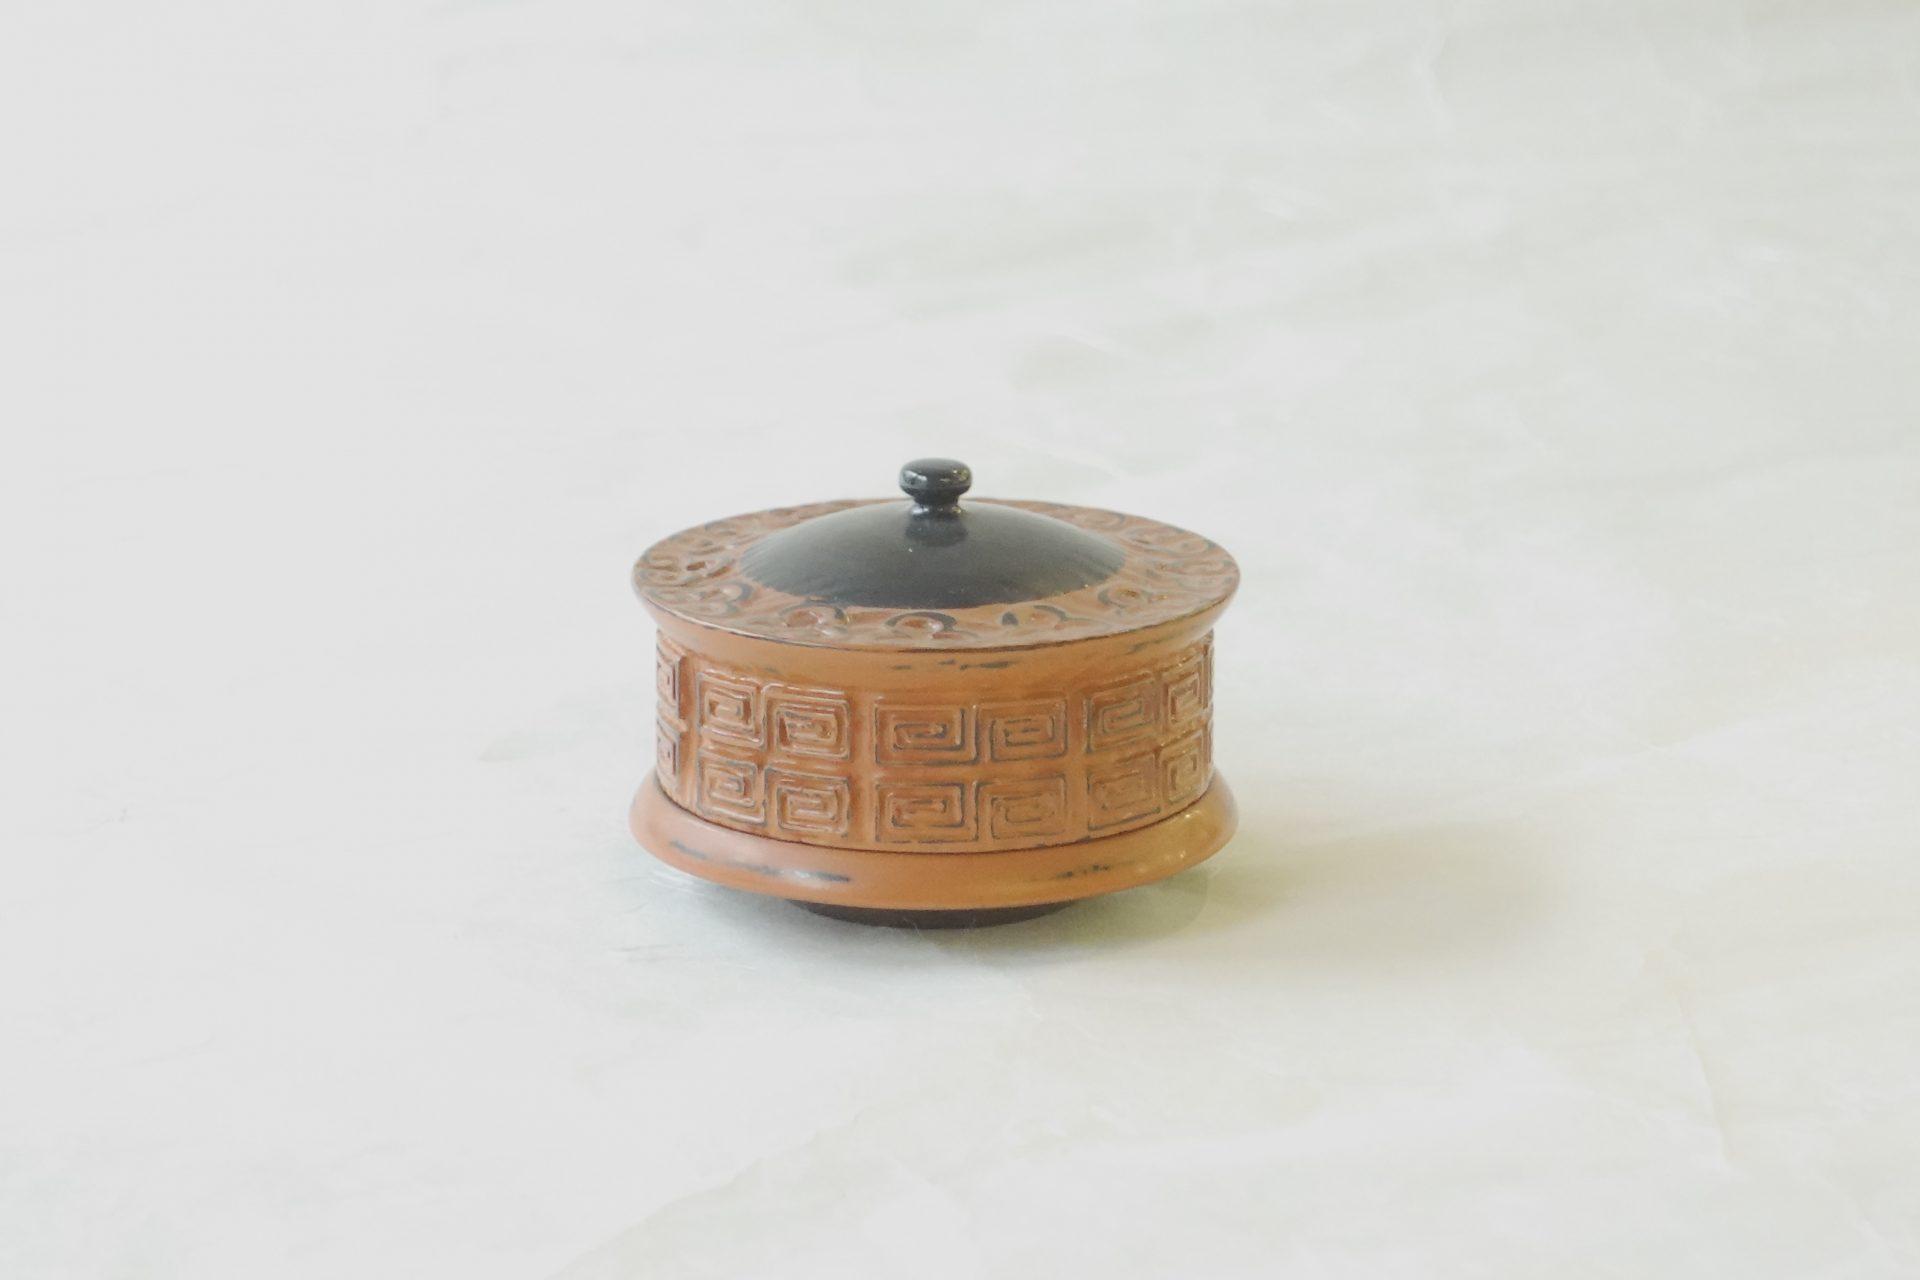 茶道具 茶の湯 茶道 土井義峰 天川香合 あまかわ 中国広東省マカオ 舶載された漆器 雷紋 彫 研ぎ出してある 紀州の根来塗のような技法 茶色のうるし 異国の風情 珍しい造形の香合